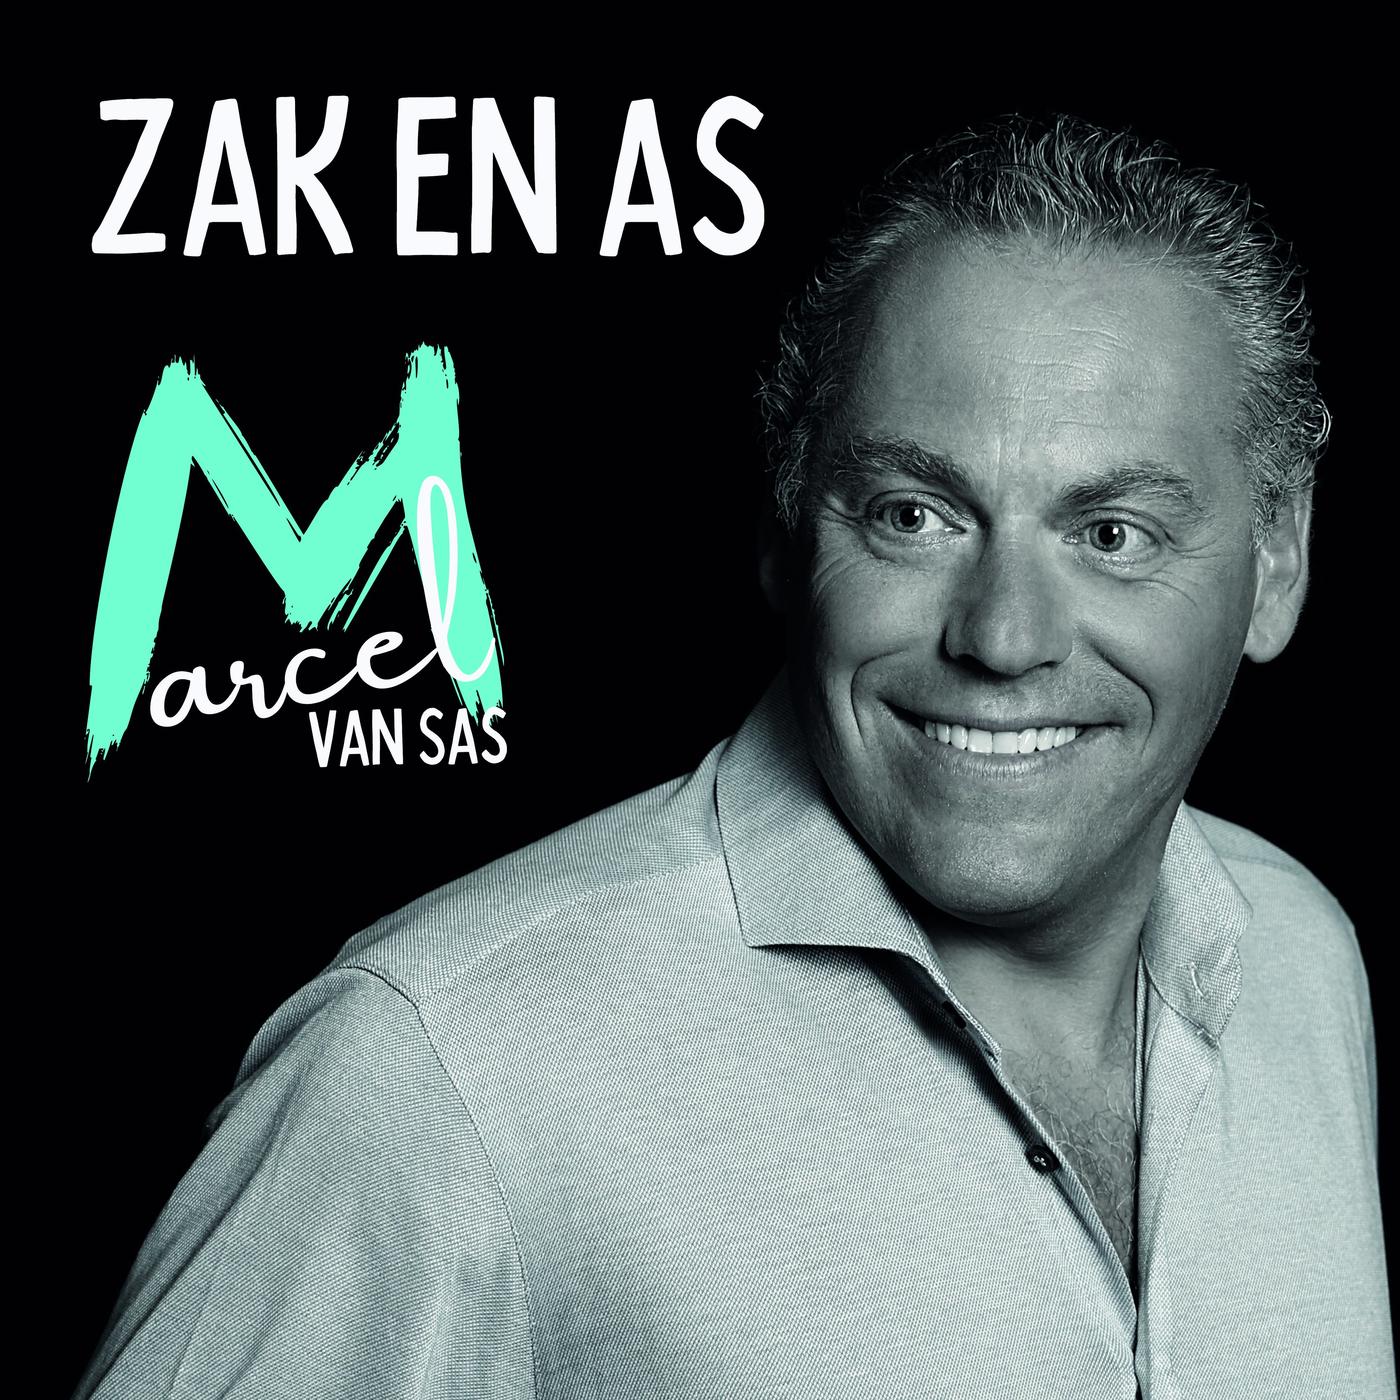 Nieuwe single Marcel van Sas: 'Zak en as'